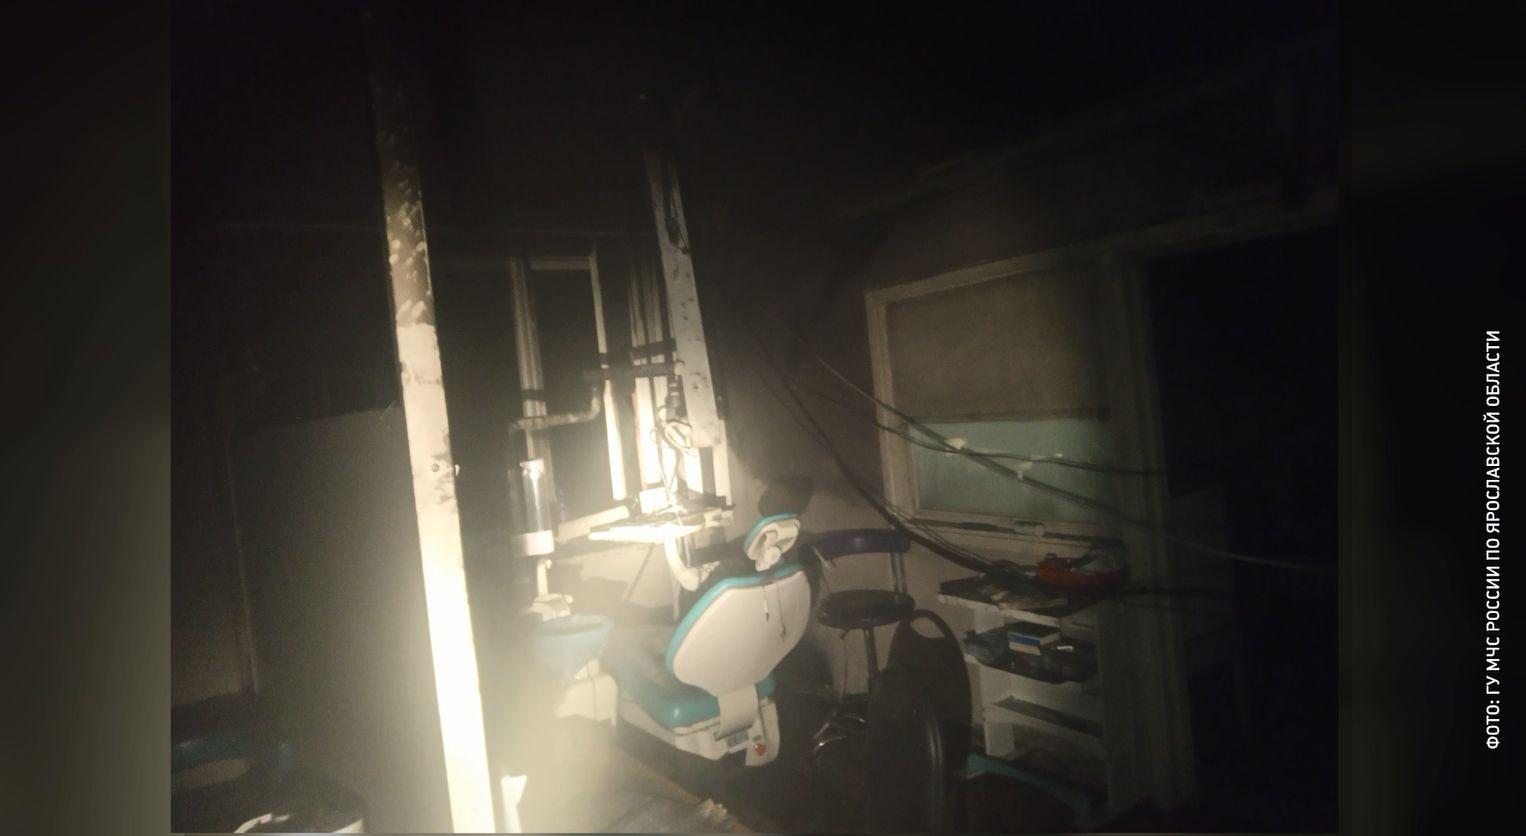 При ночном пожаре в областной стоматологической клинике Ярославля никто не пострадал